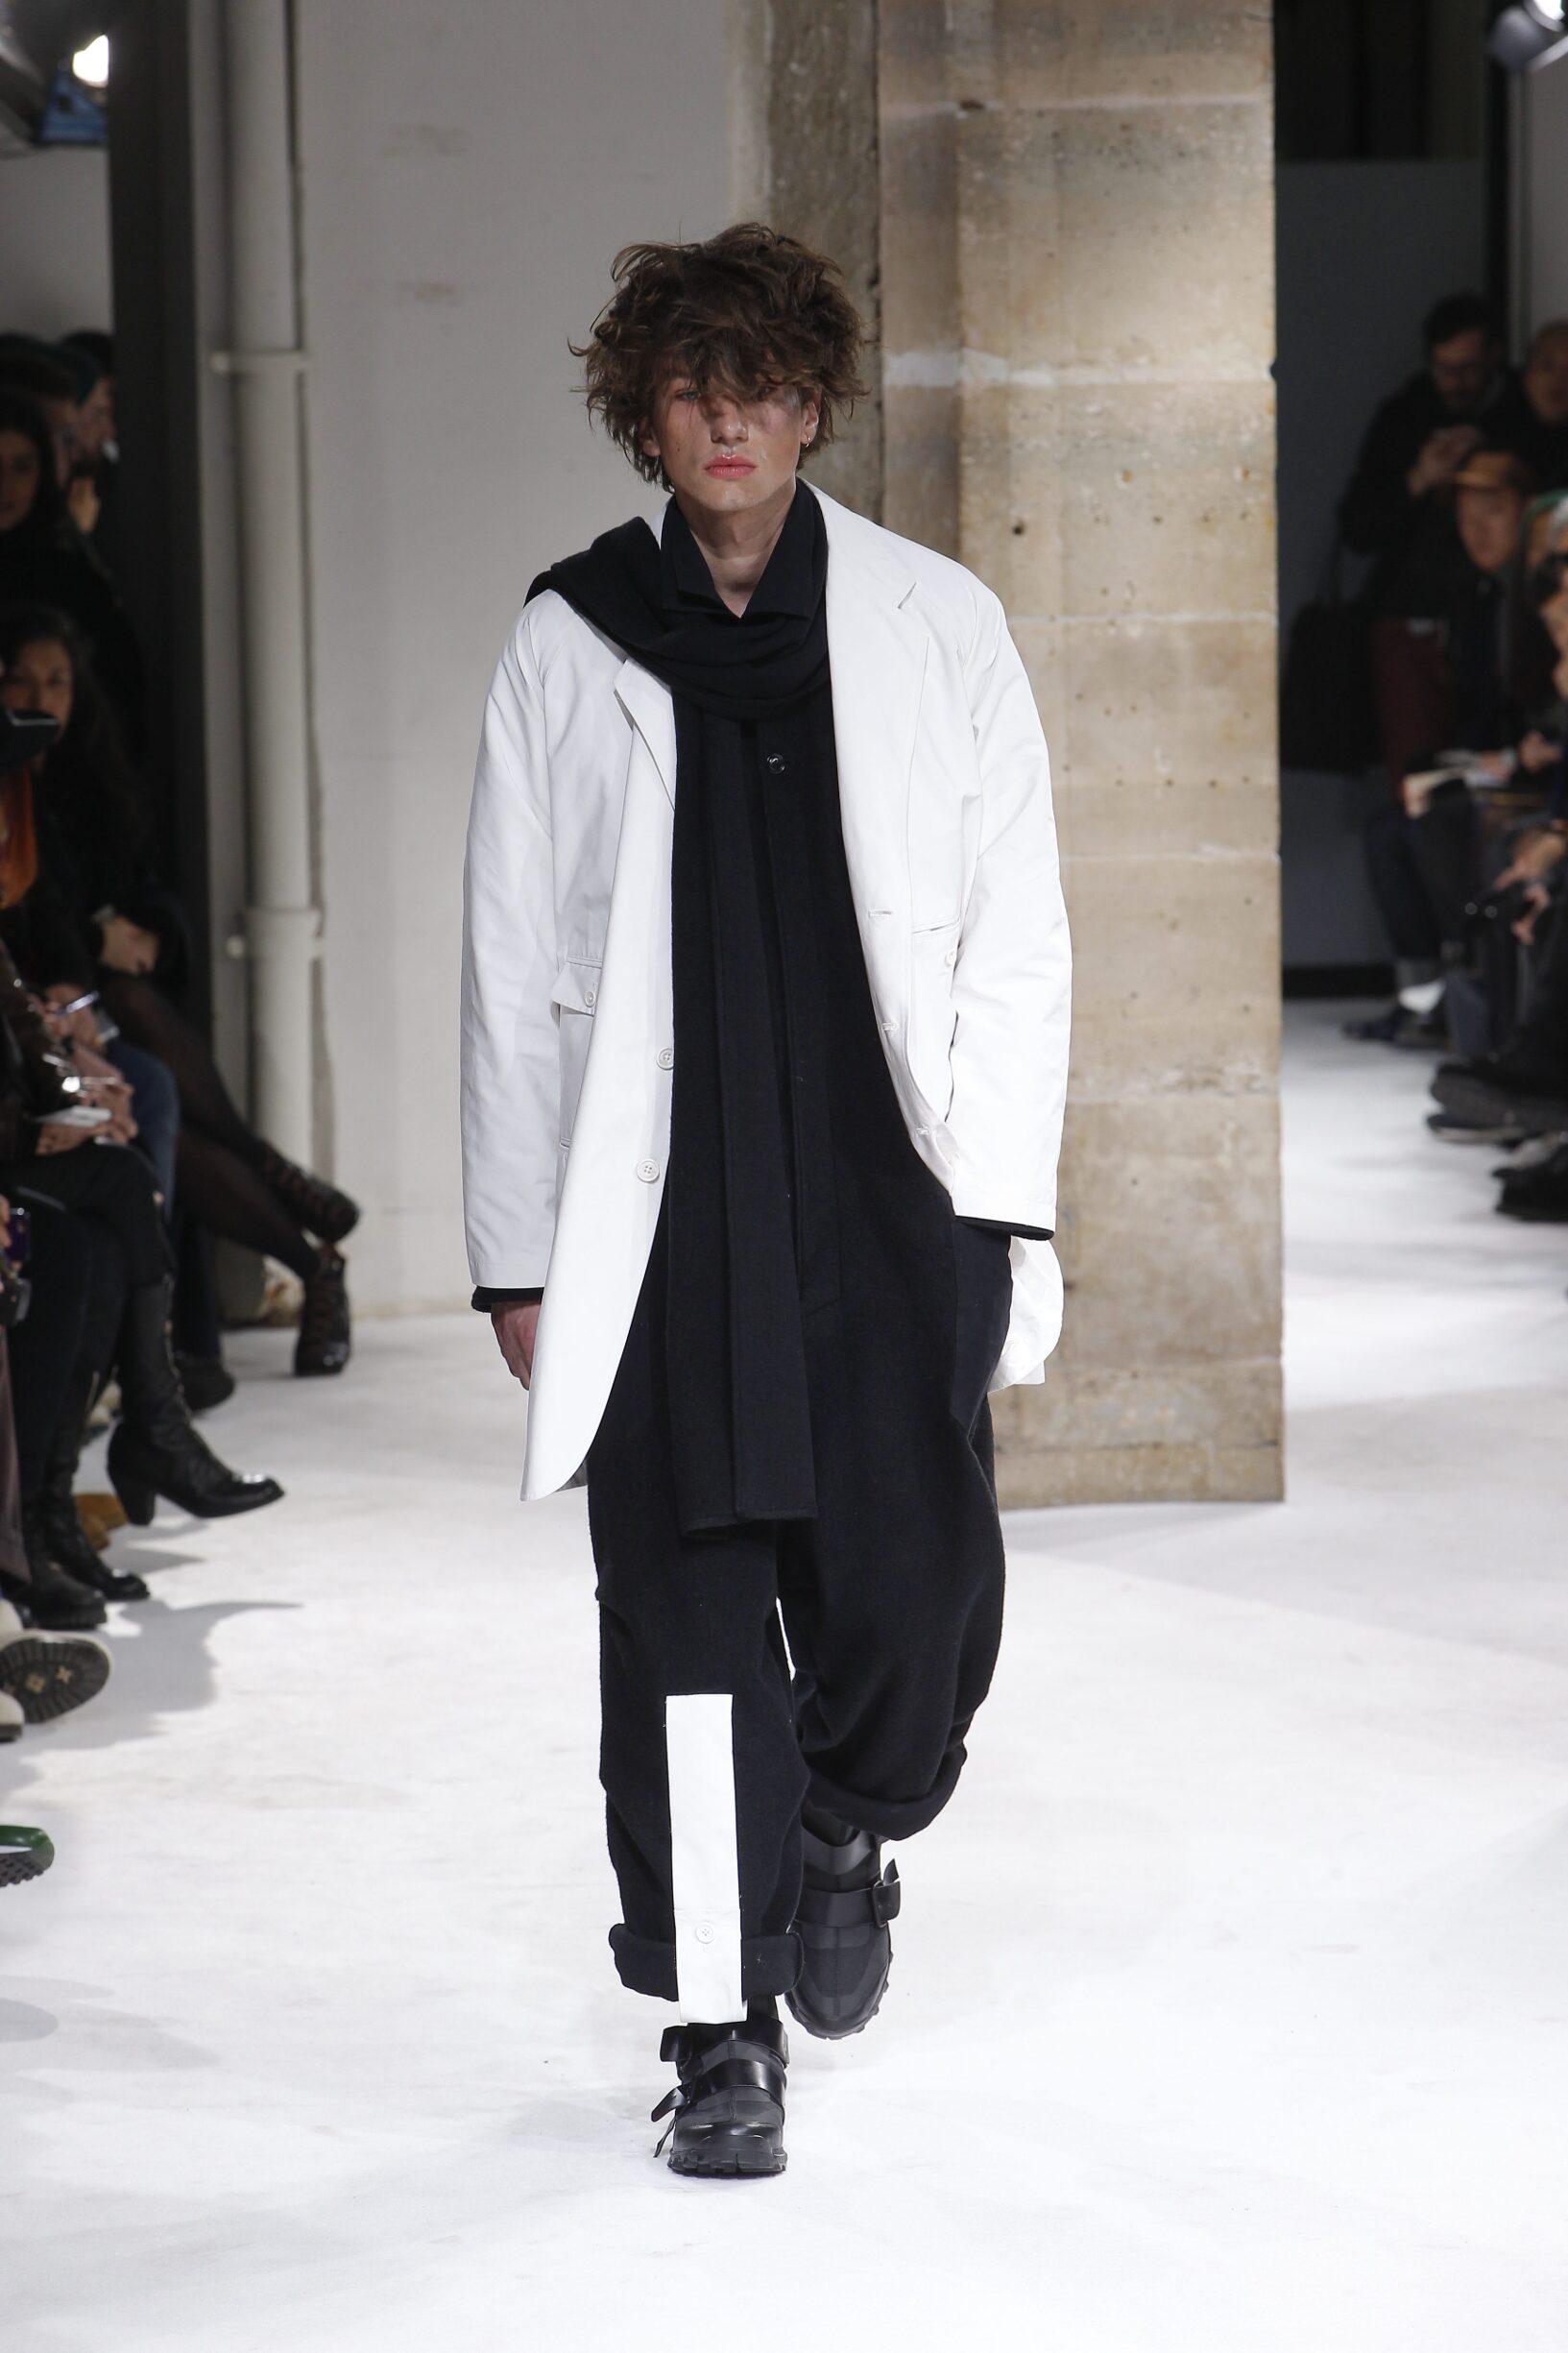 Catwalk Yohji Yamamoto Man Fashion Show Winter 2017